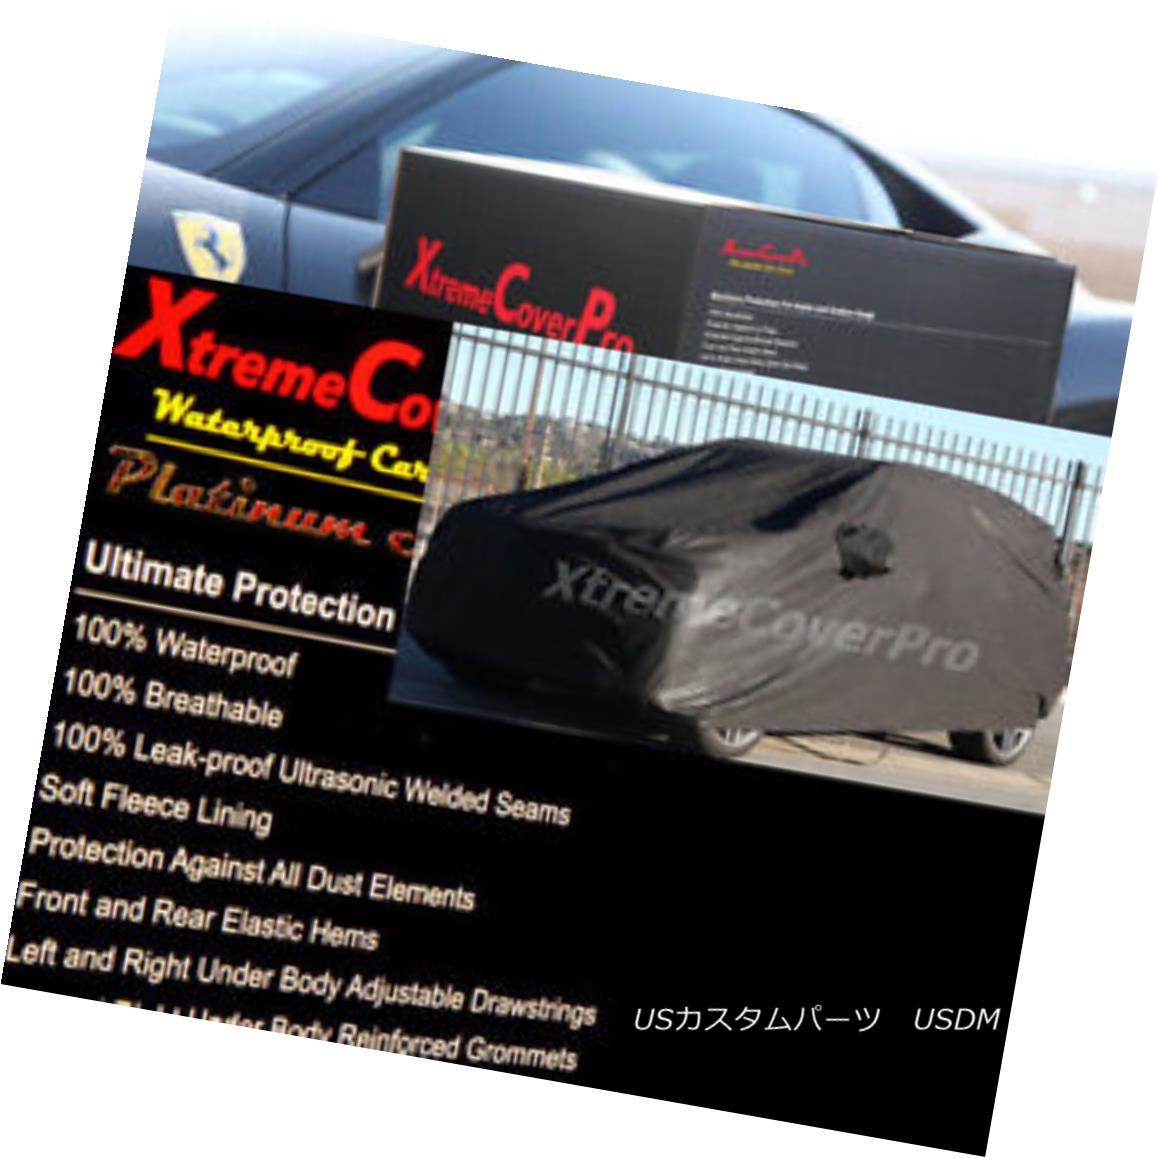 カーカバー 2016 2017 2018 VOLVO XC60 WATERPROOF CAR COVER W/MIRROR POCKET - BLACK 2016 2017 2018 VOLVO XC60ウォータープルーフカーカバーW /ミラーポケット - ブラック